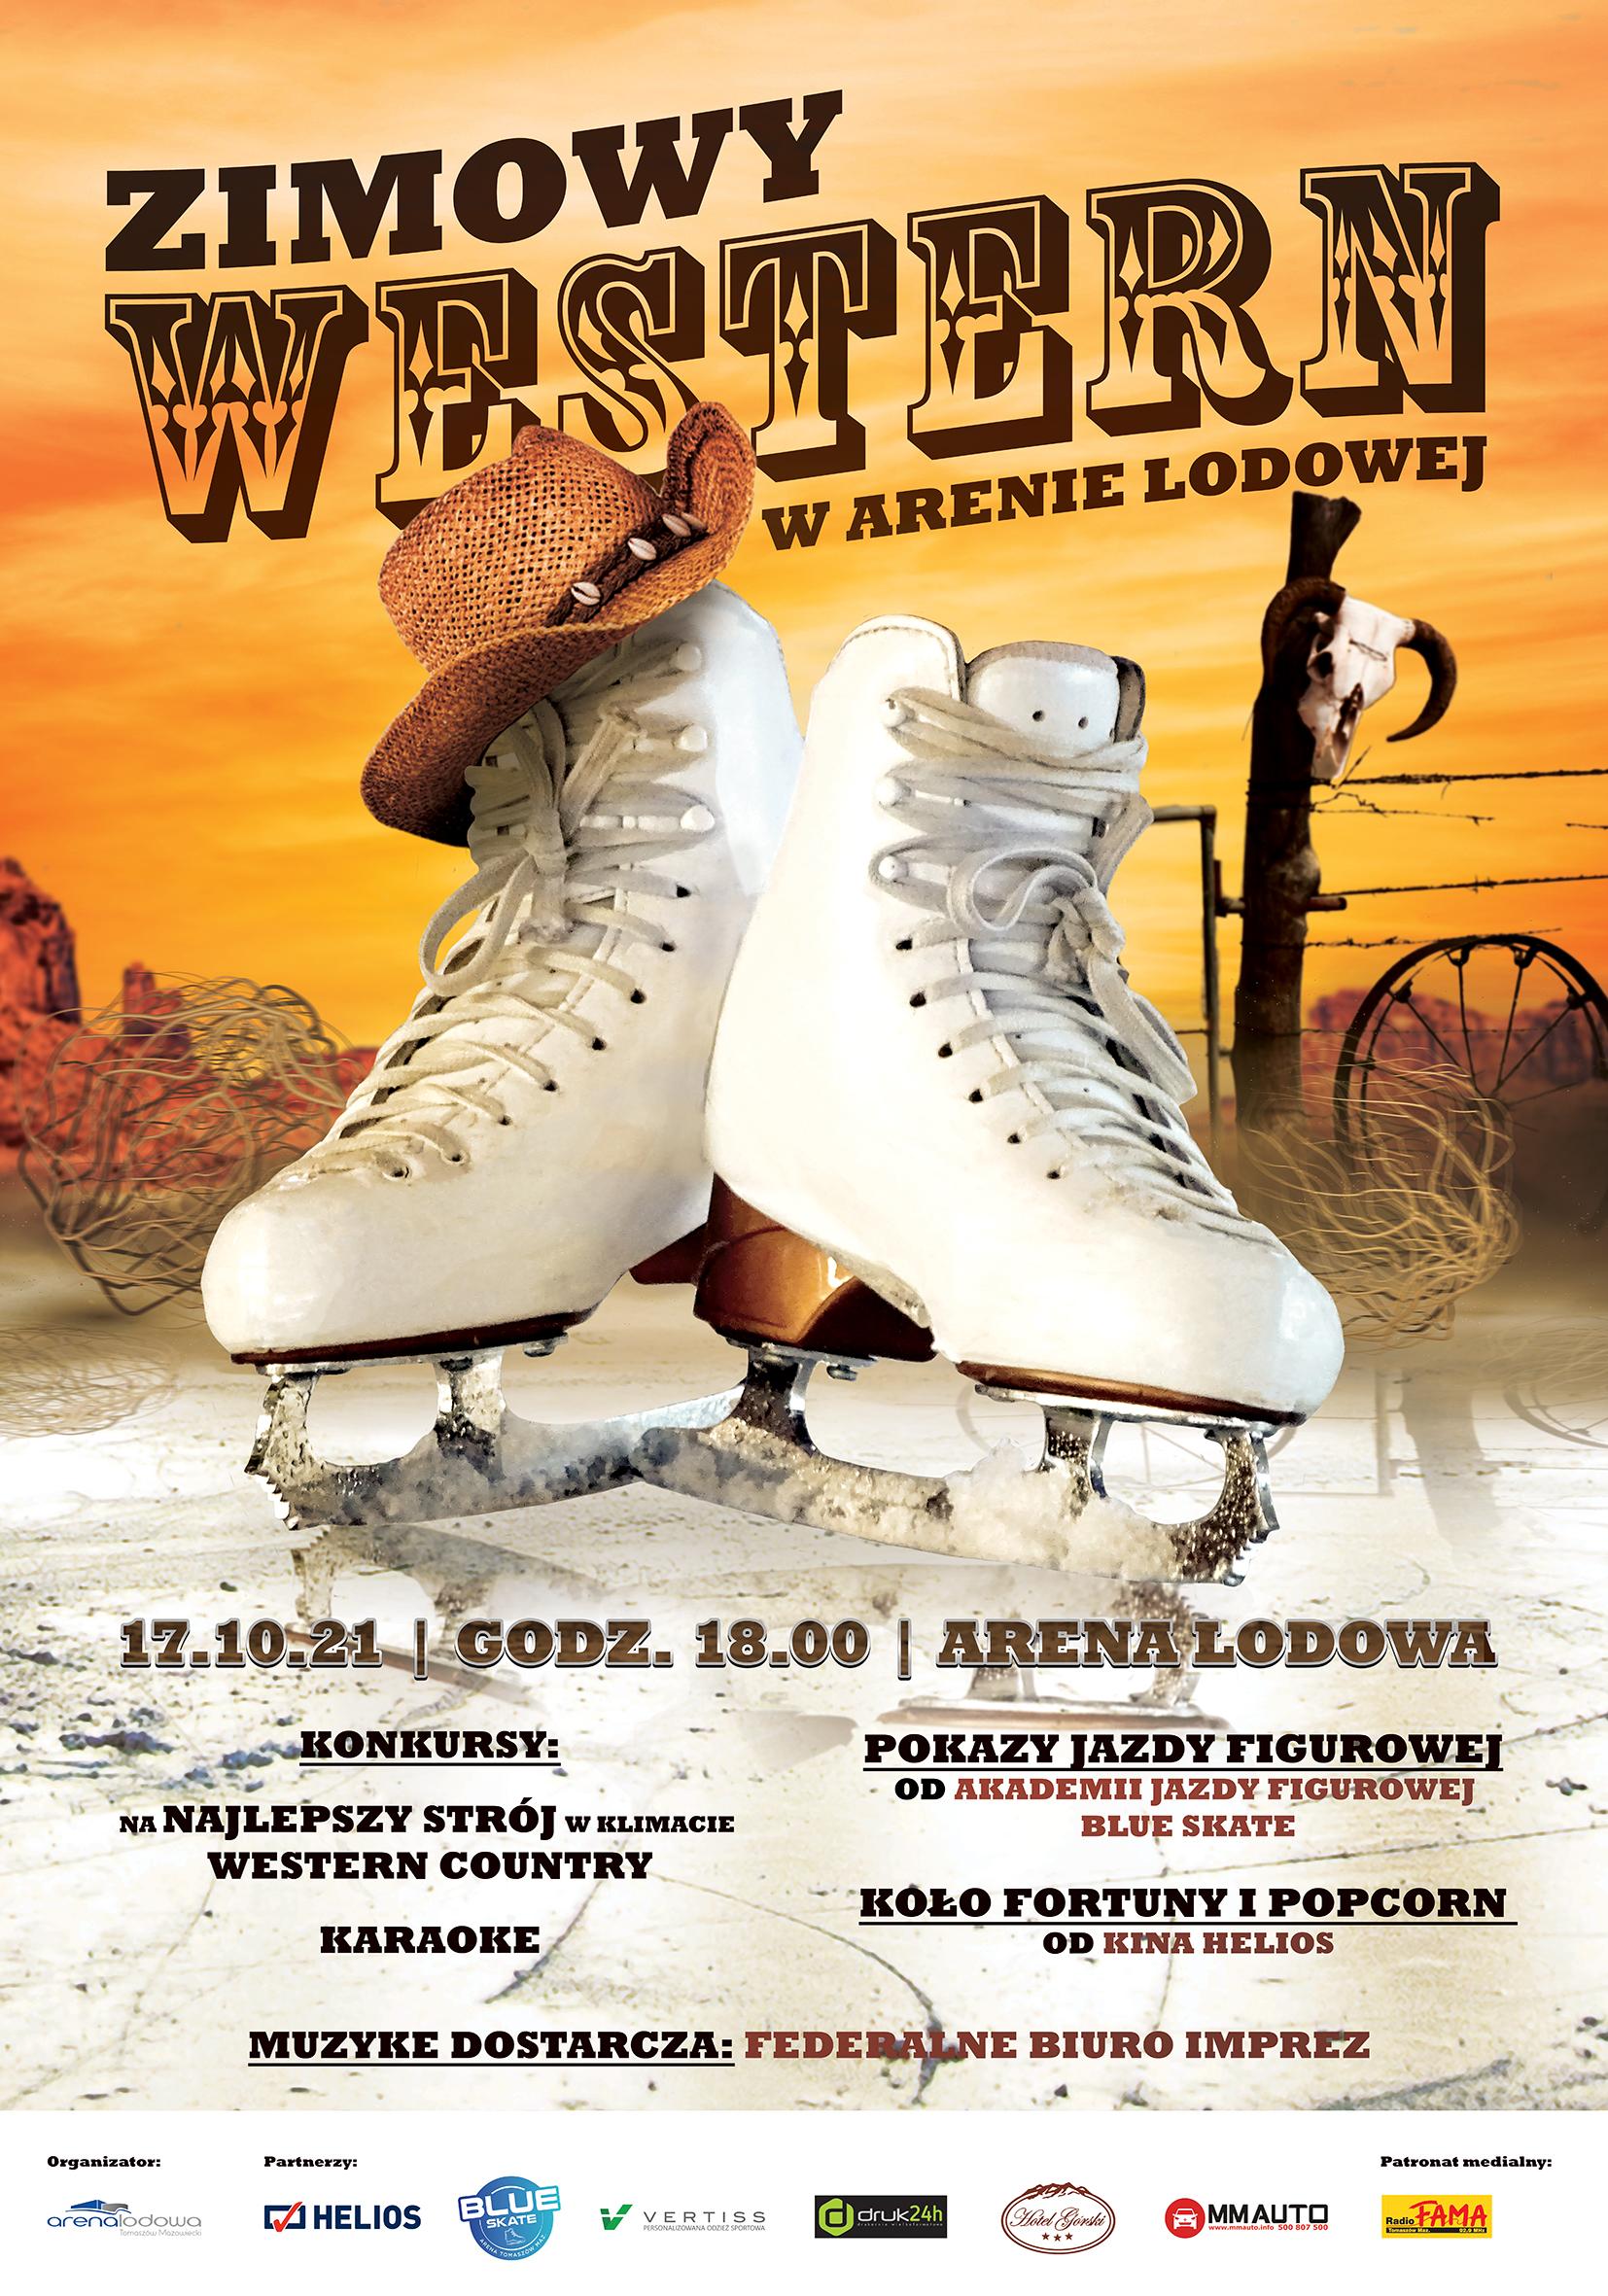 Zimowy Western w Arenie Lodowej - otwarcie zimowej ślizgawki